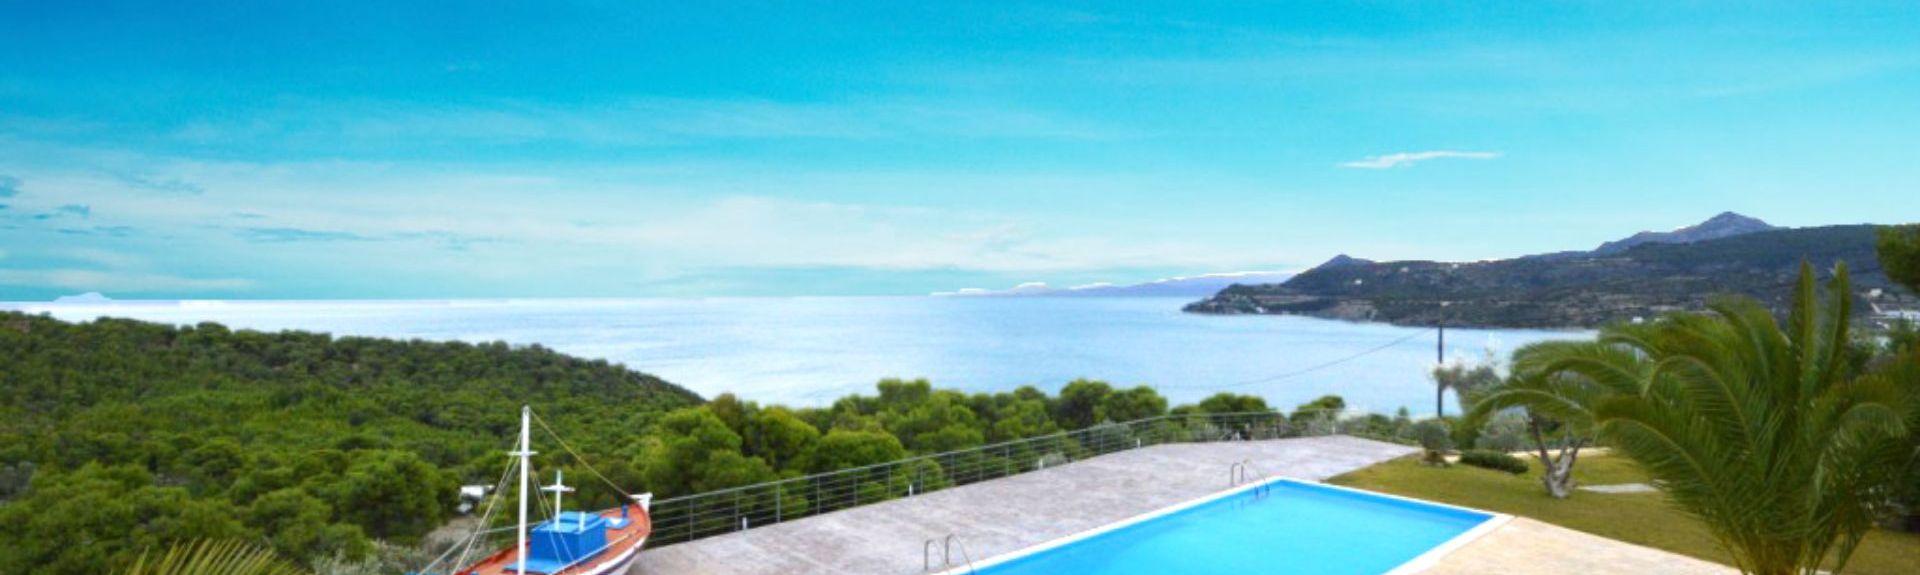 Παραλία Λιμνιώνα, Τροιζηνία, Αττική, Ελλάδα